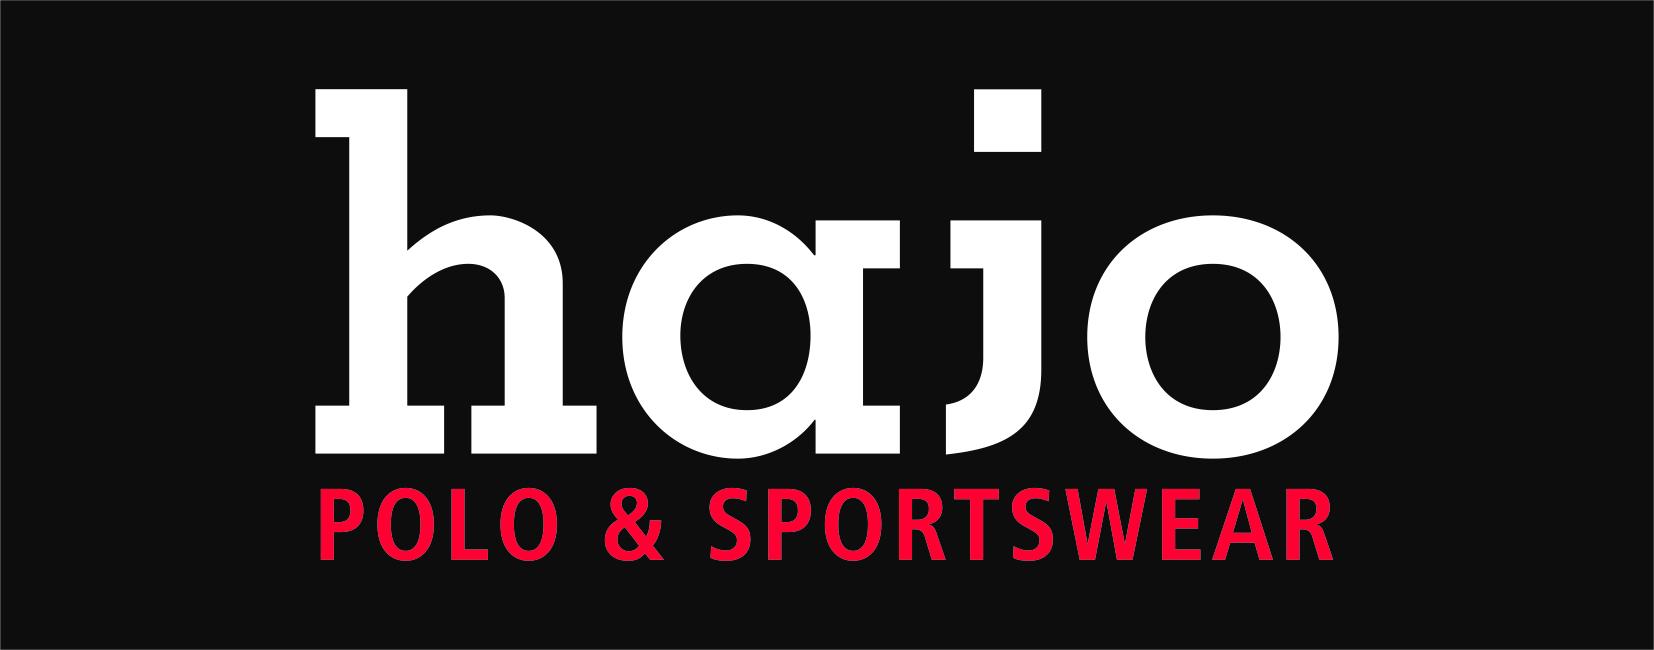 hajo_Polo_Sportswear2012.jpg